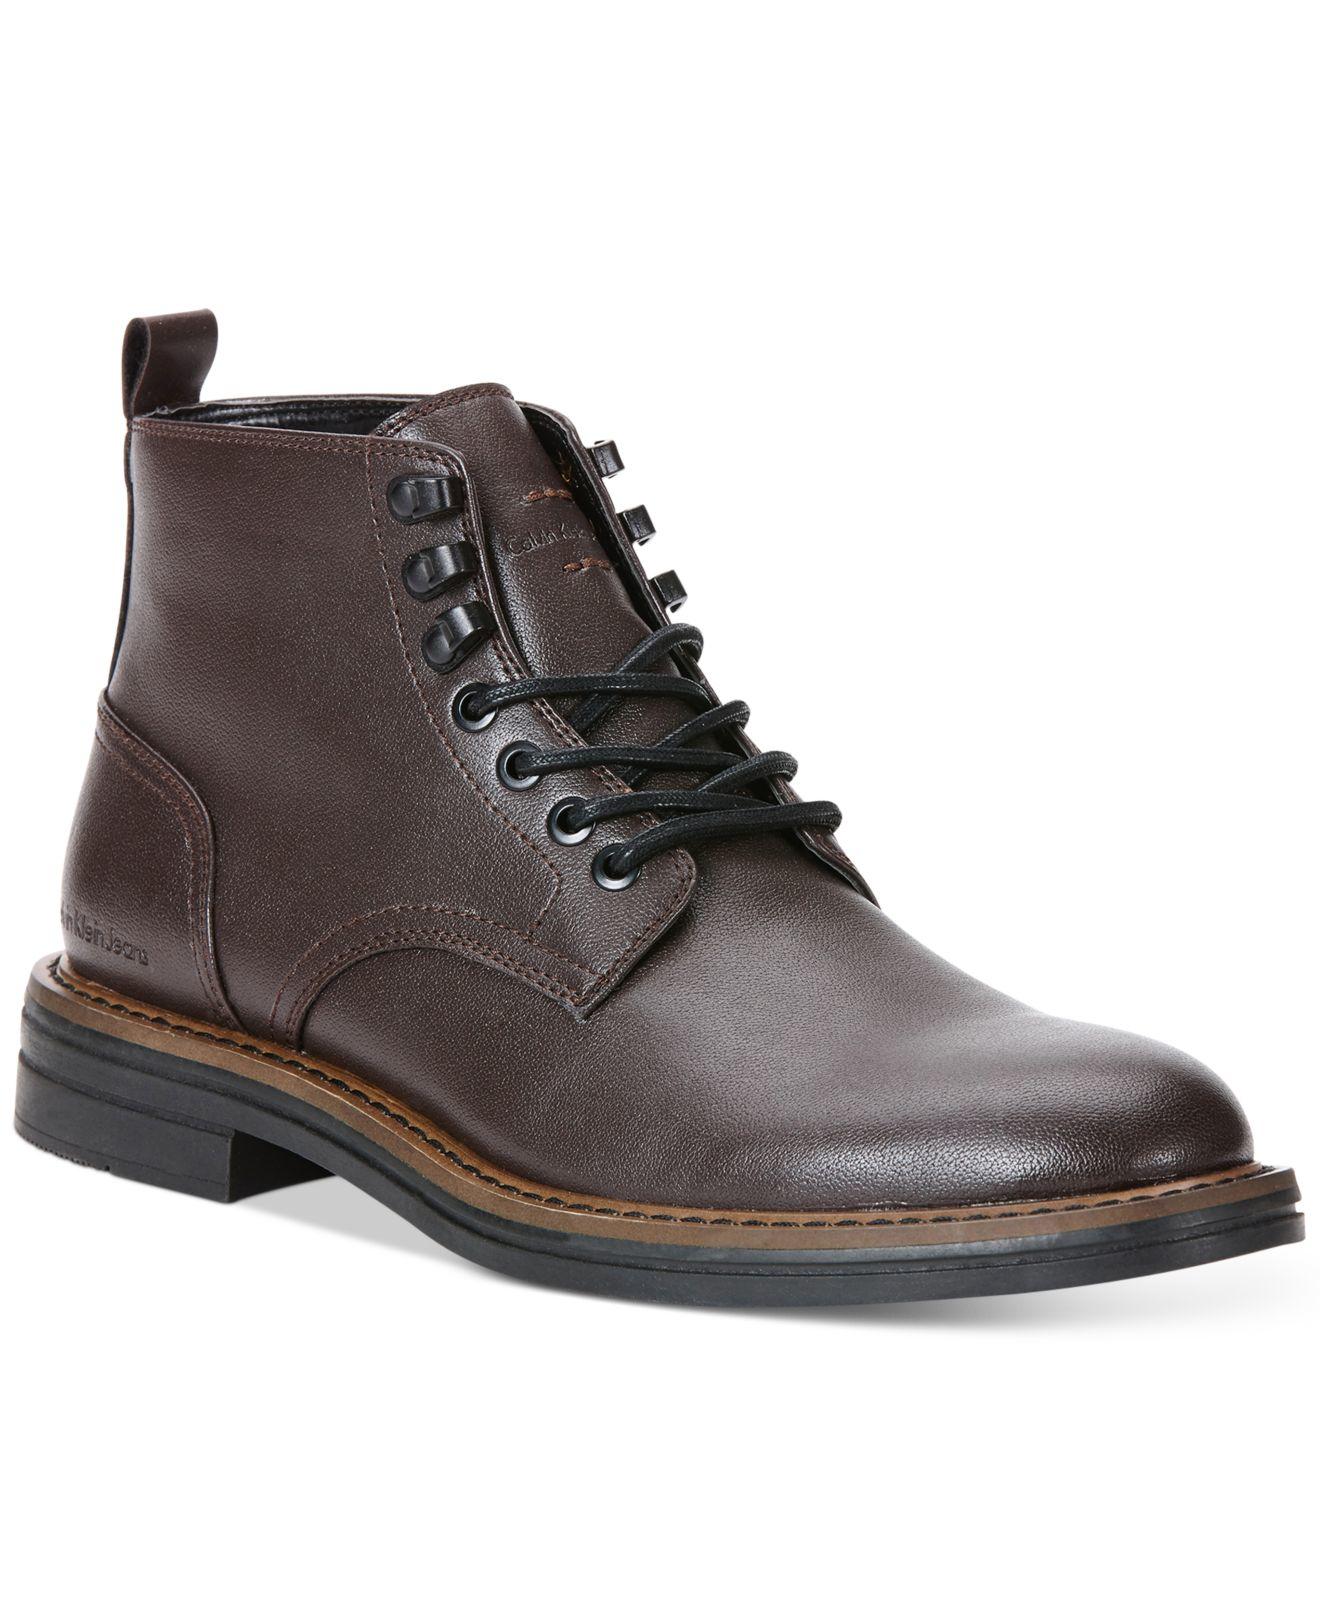 Calvin Klein Edmond Smooth Boots In Dark Brown Brown For